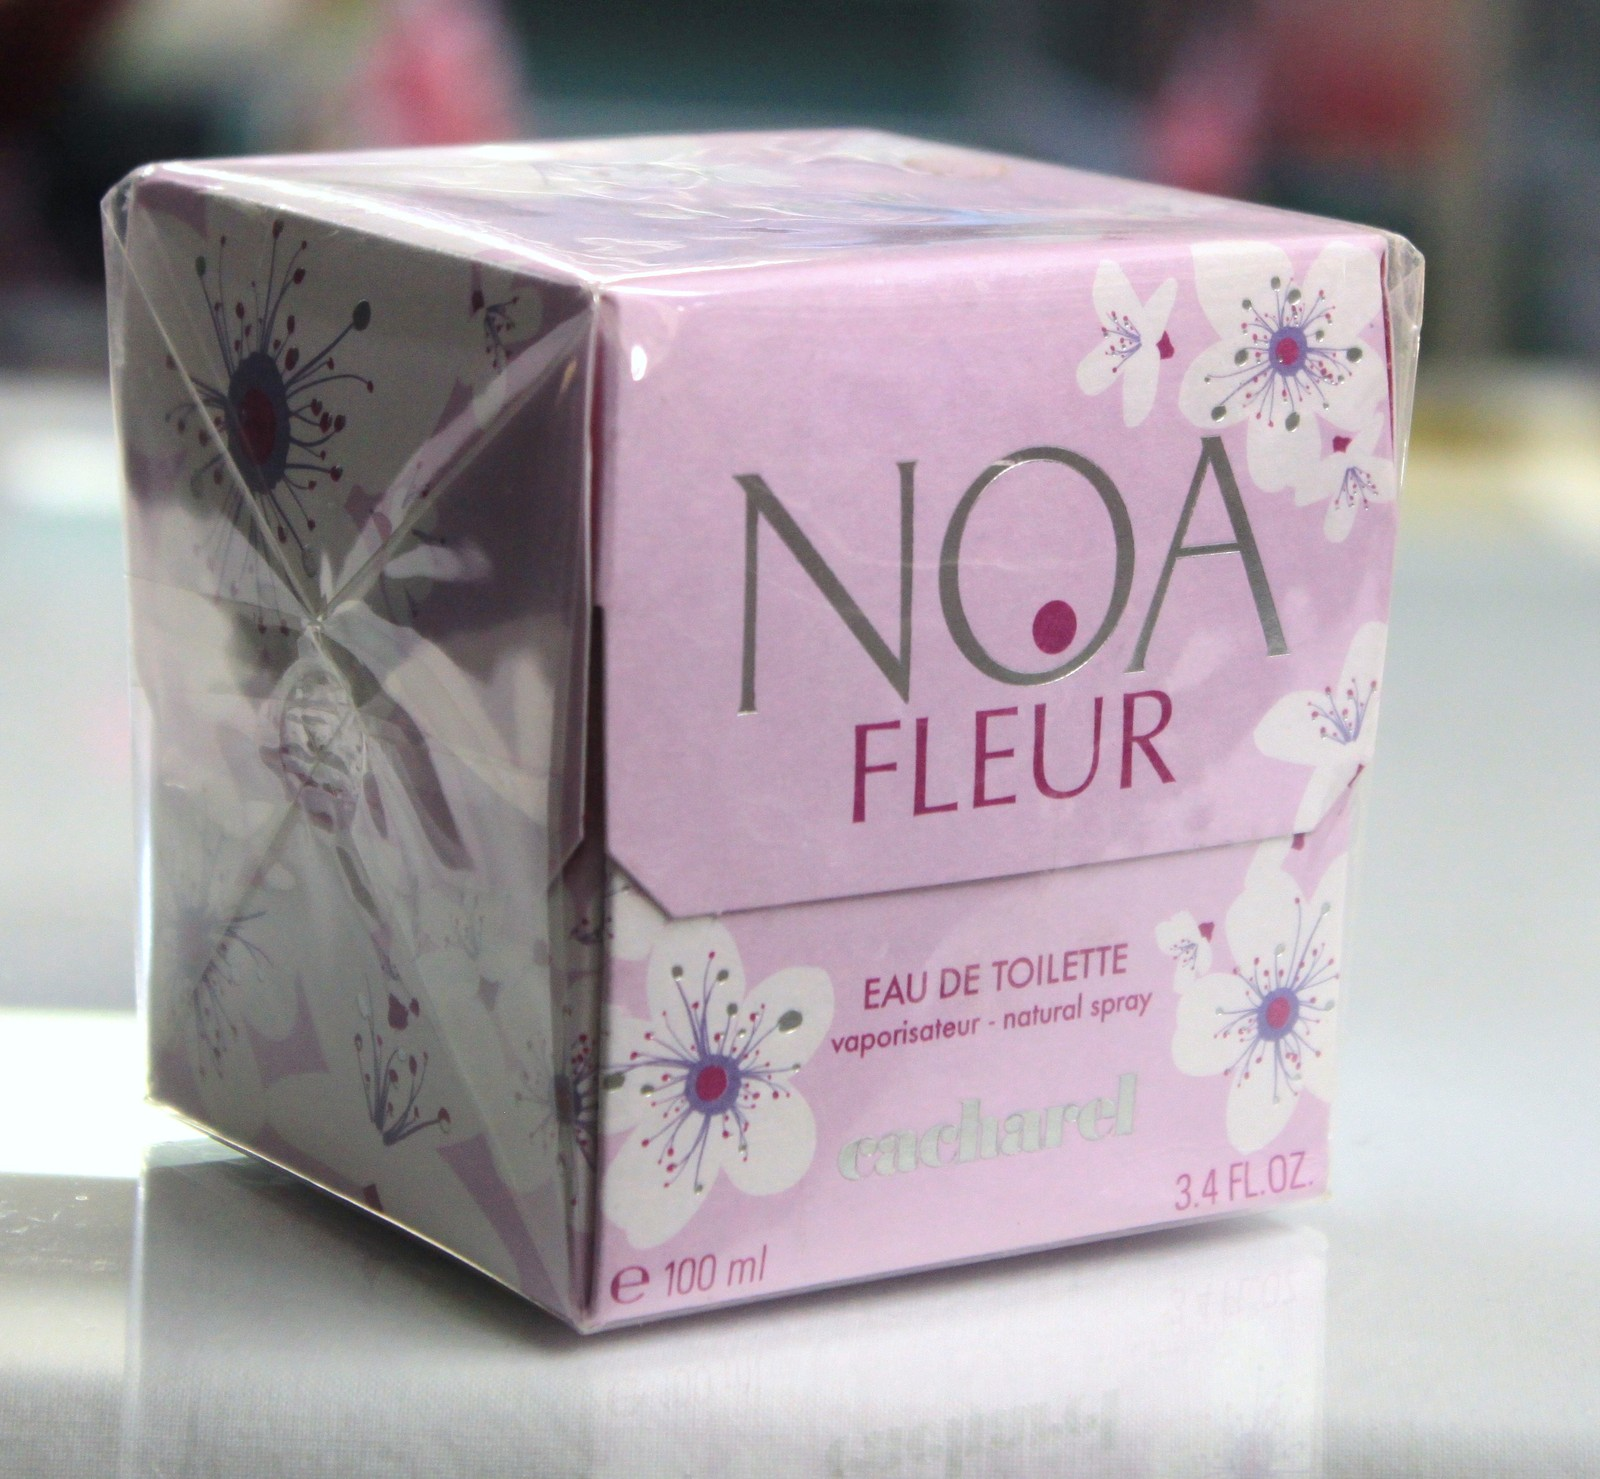 NOA Fleur by cacharel for Women, 3.4 fl.oz / 100 ml eau de toilette spray, rare image 3